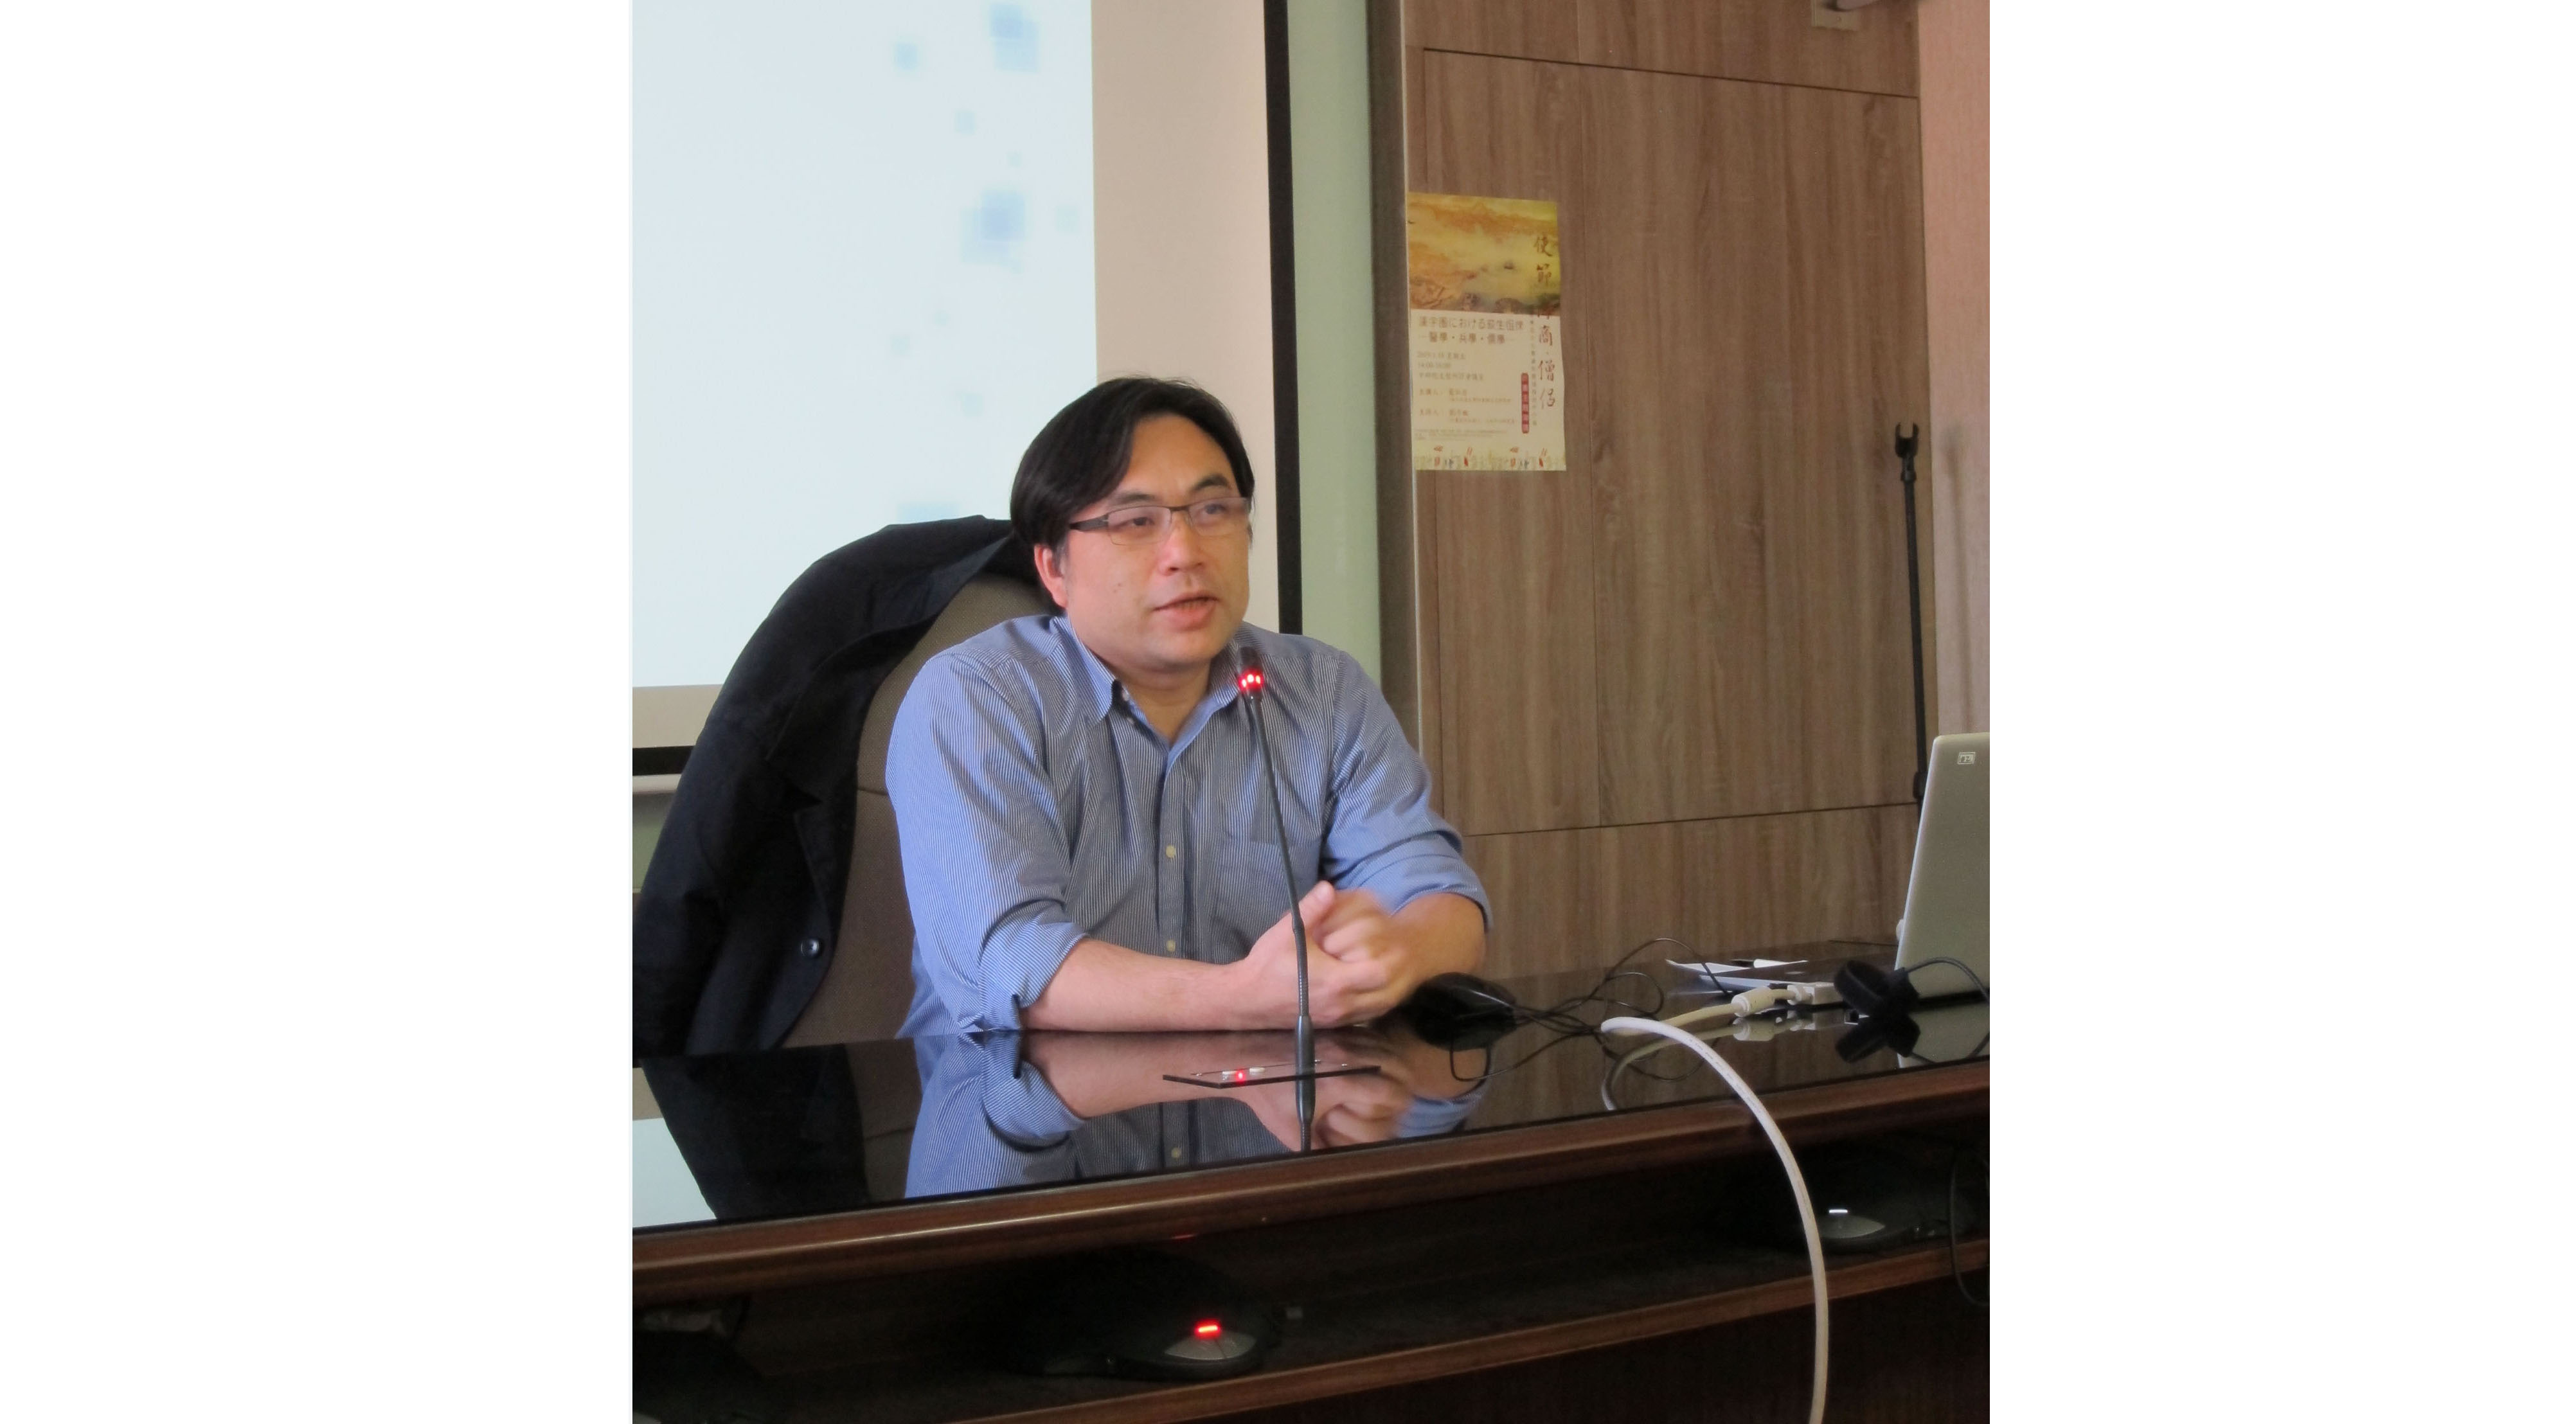 藍弘岳教授演講「漢字圈における荻生徂徠 ―醫學•兵學•儒學―」紀要